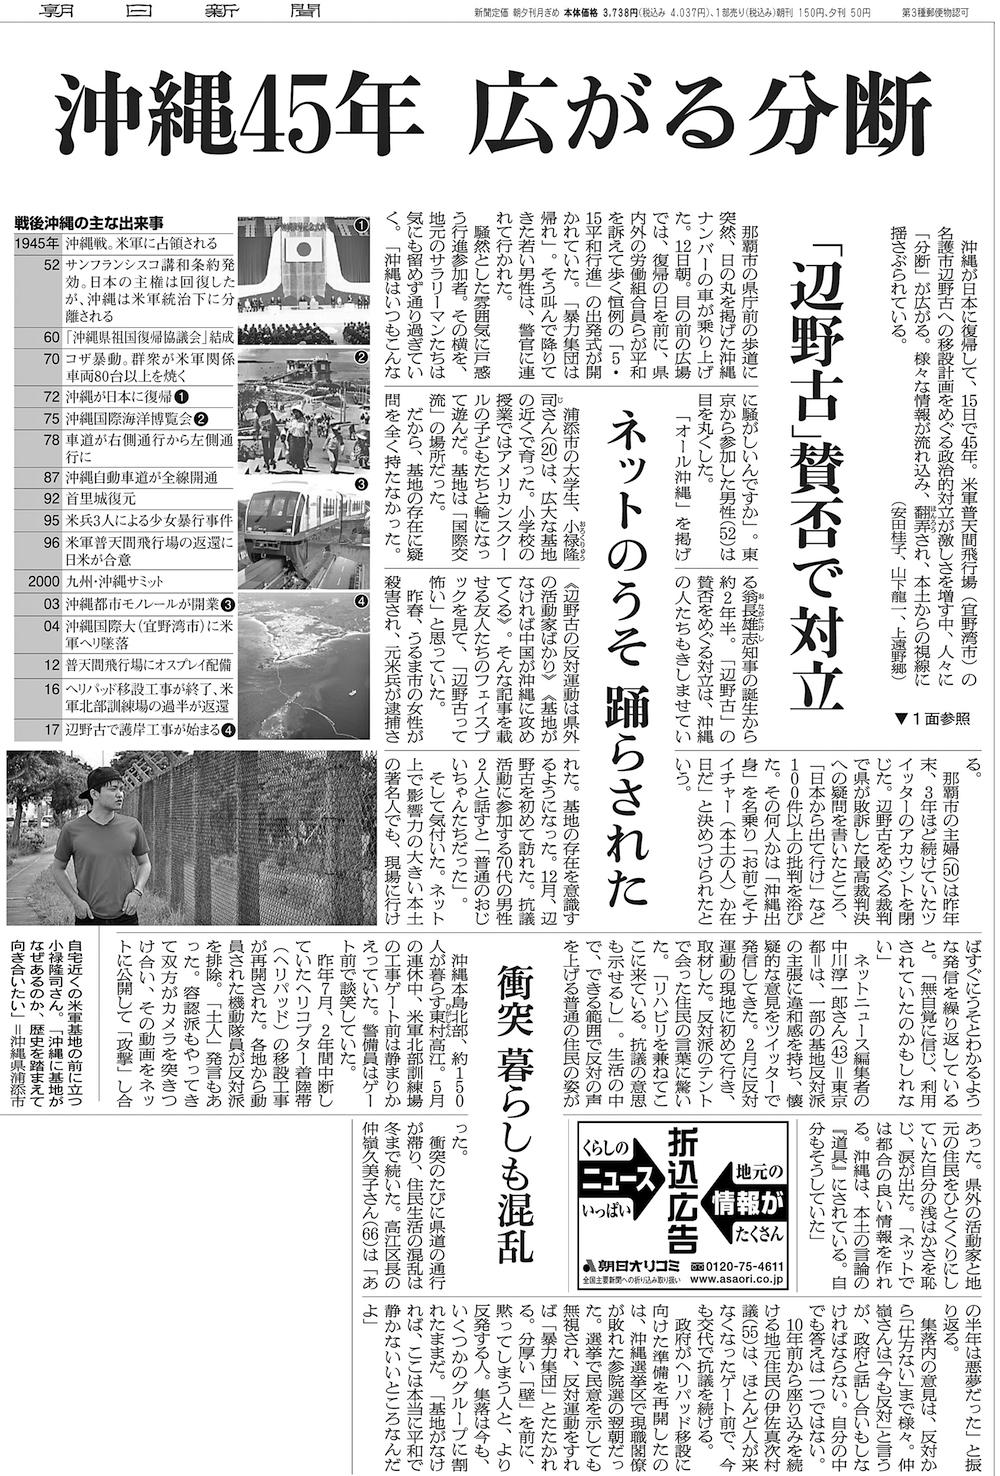 沖縄返還から45年を経た2017年5月15日付の朝日新聞朝刊第1社会面